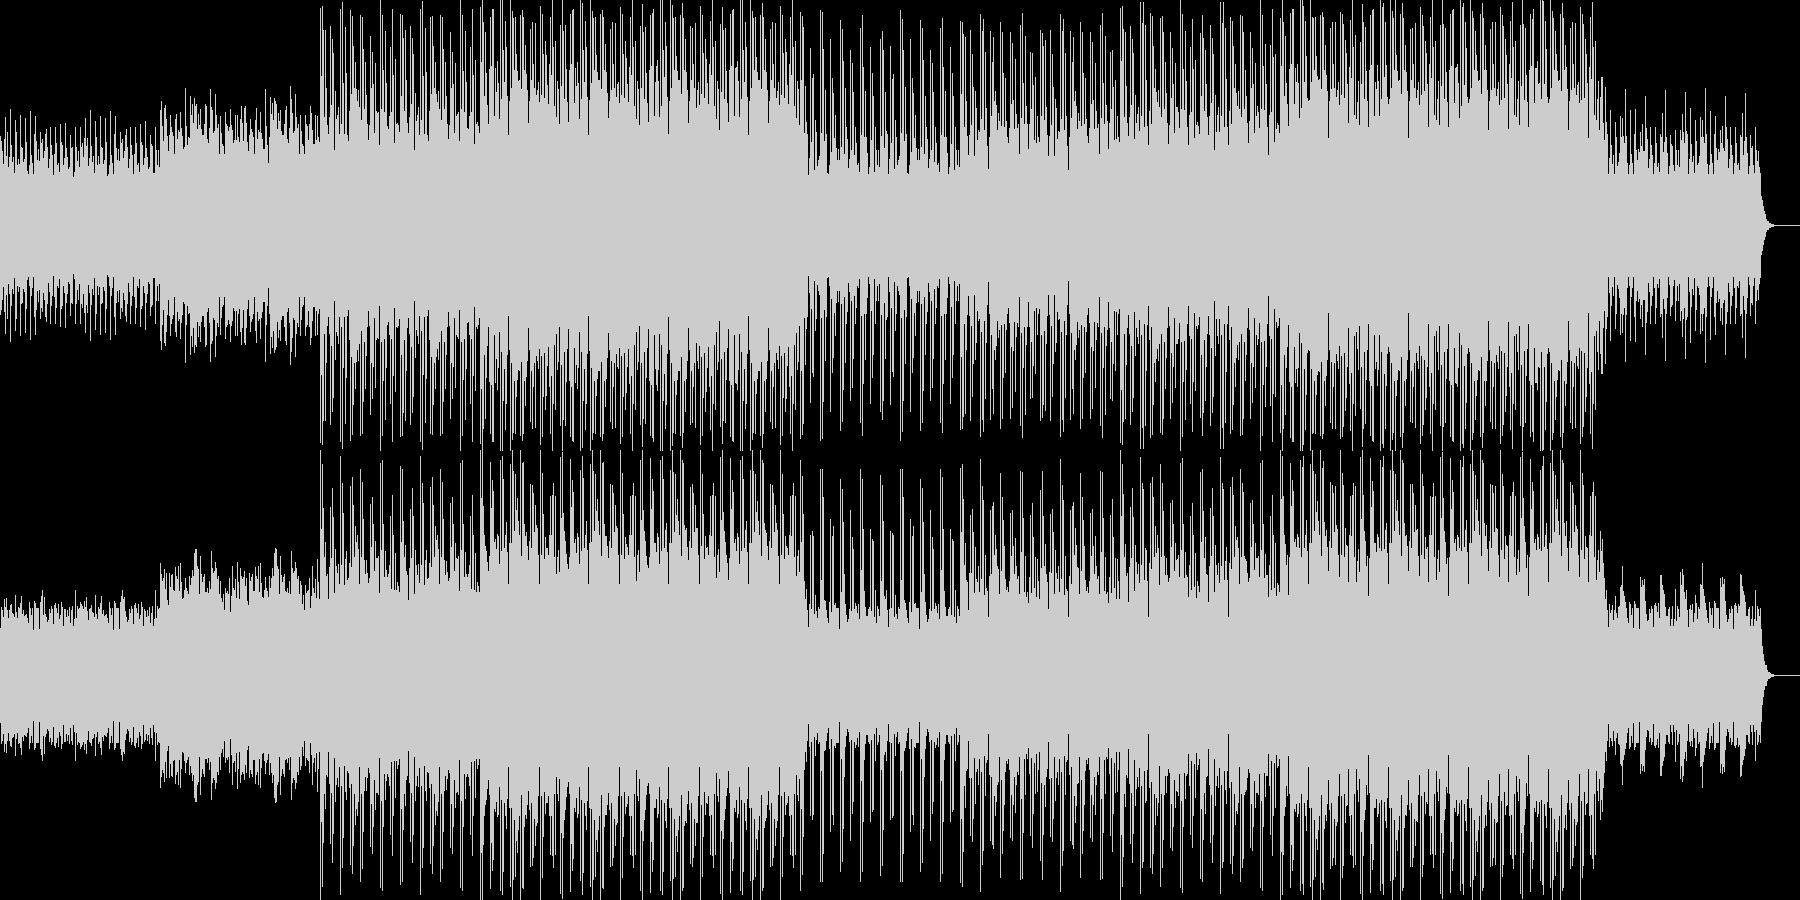 ニュース映像ナレーションバック向け-17の未再生の波形